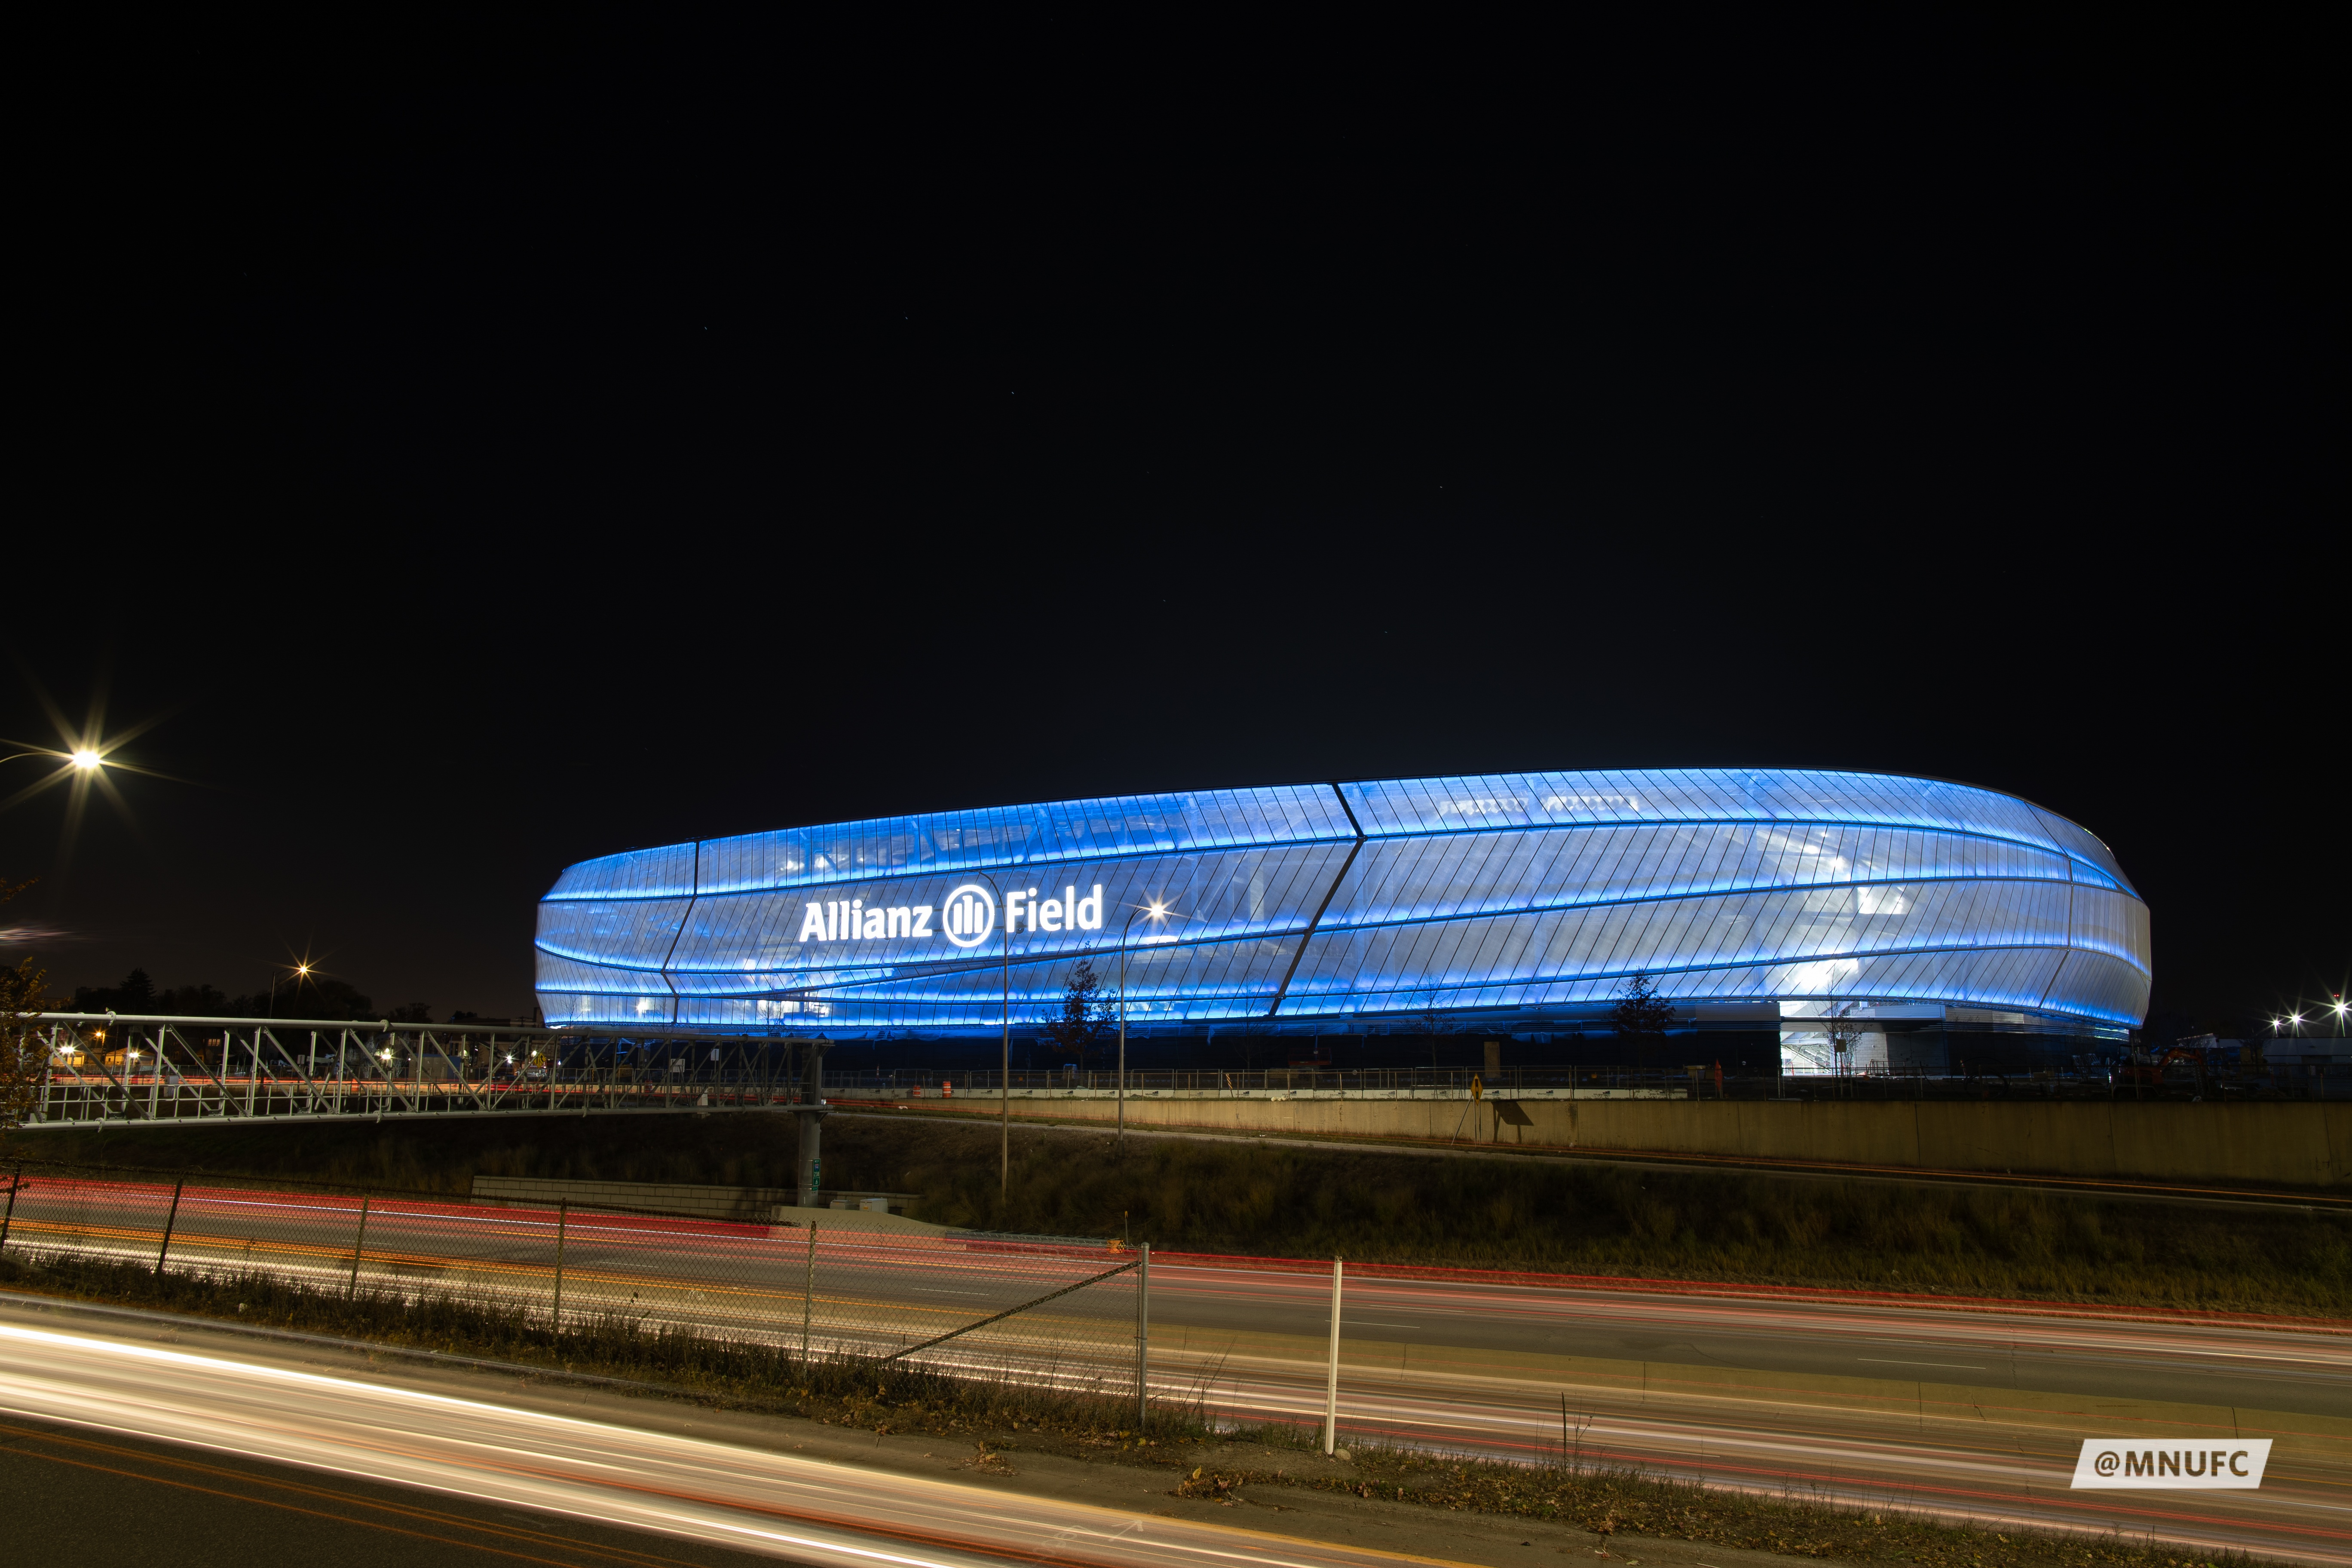 MNU Stadium